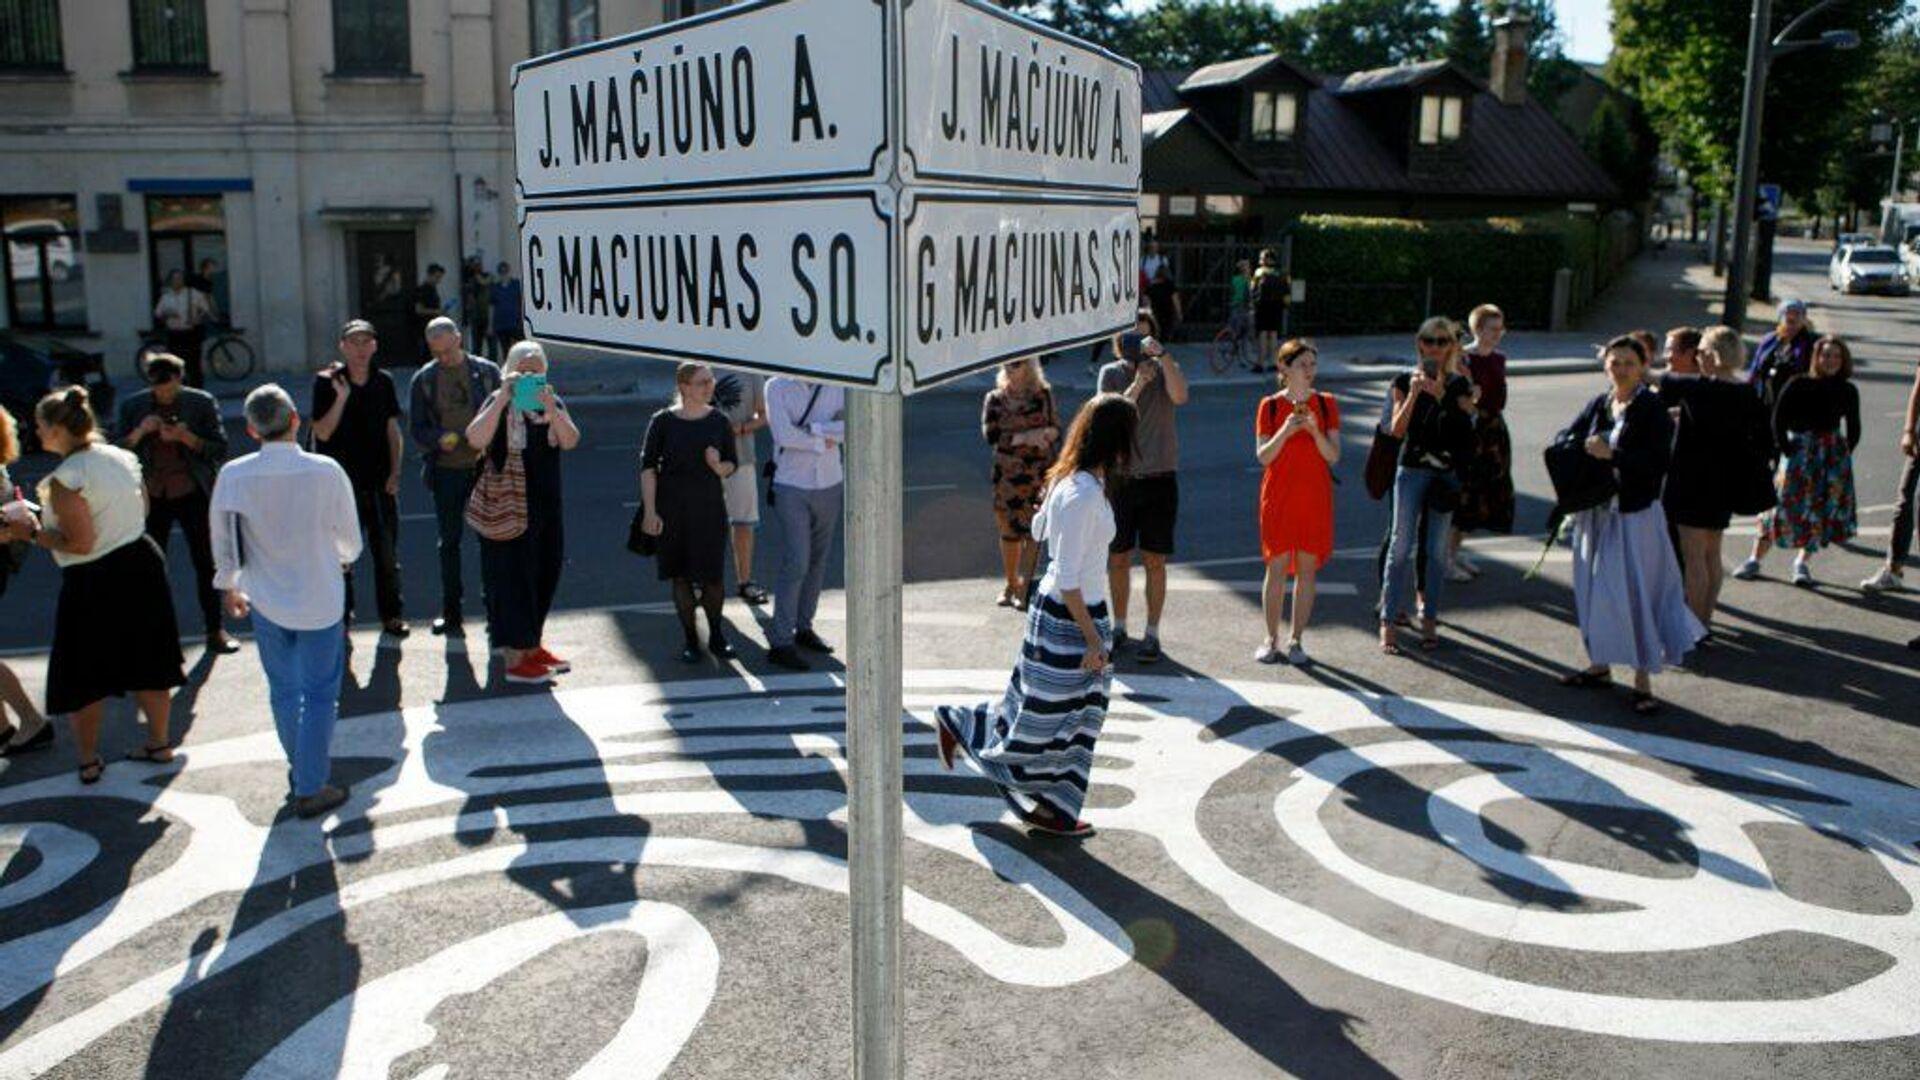 Plaza George Maciunas, la primera plaza invisible del mundo, en Kaunas, Lituania - Sputnik Mundo, 1920, 15.04.2021